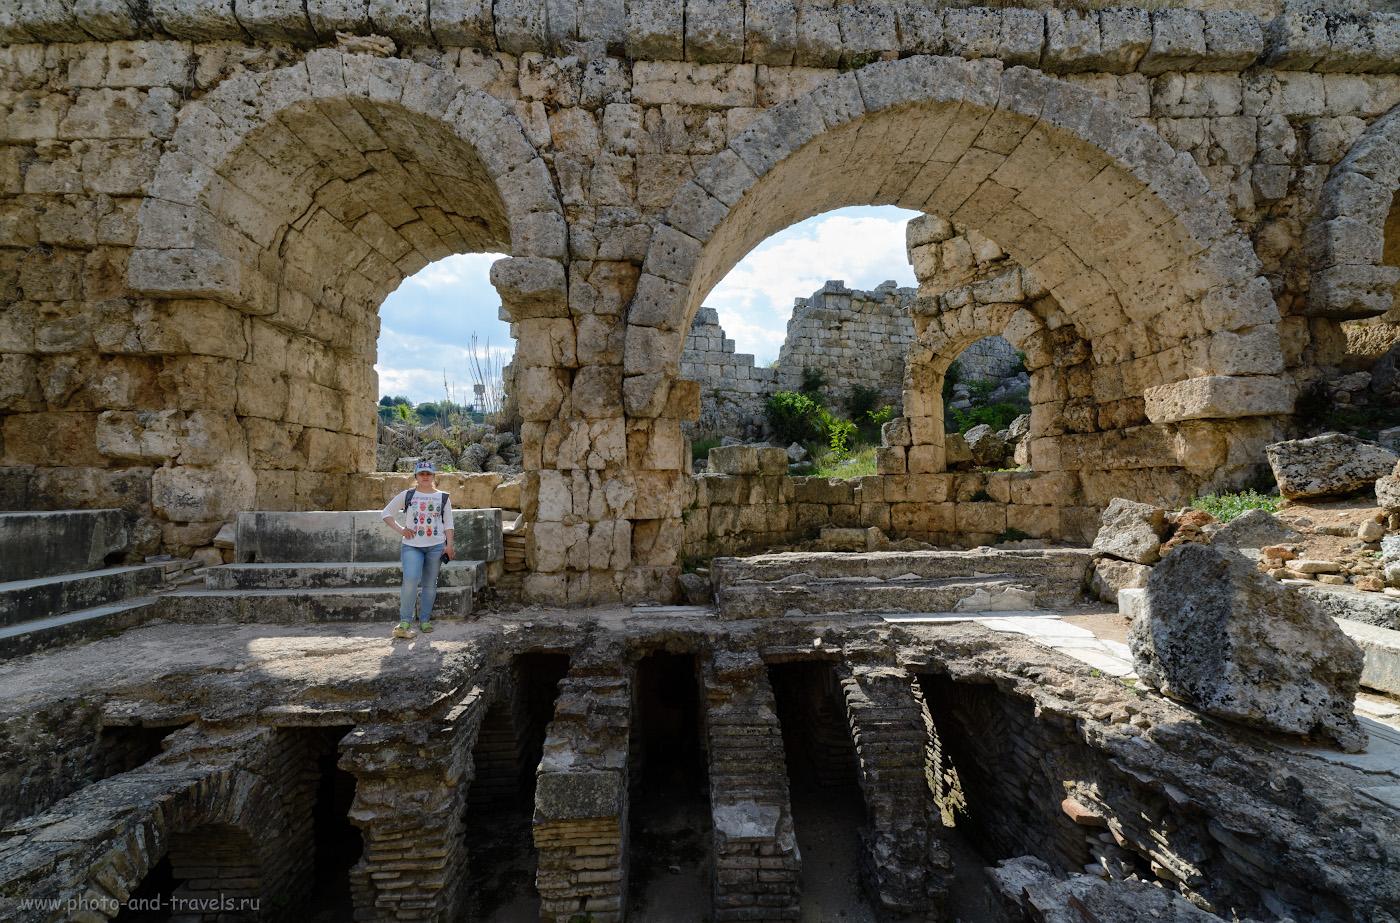 Фото 28. Римские бани. Экскурсия в Перге. Поездка из Анталии по интересным местам в округе. Как мы отдыхали в Турции. 1/160, 8.0, 100, -1.0, 14.